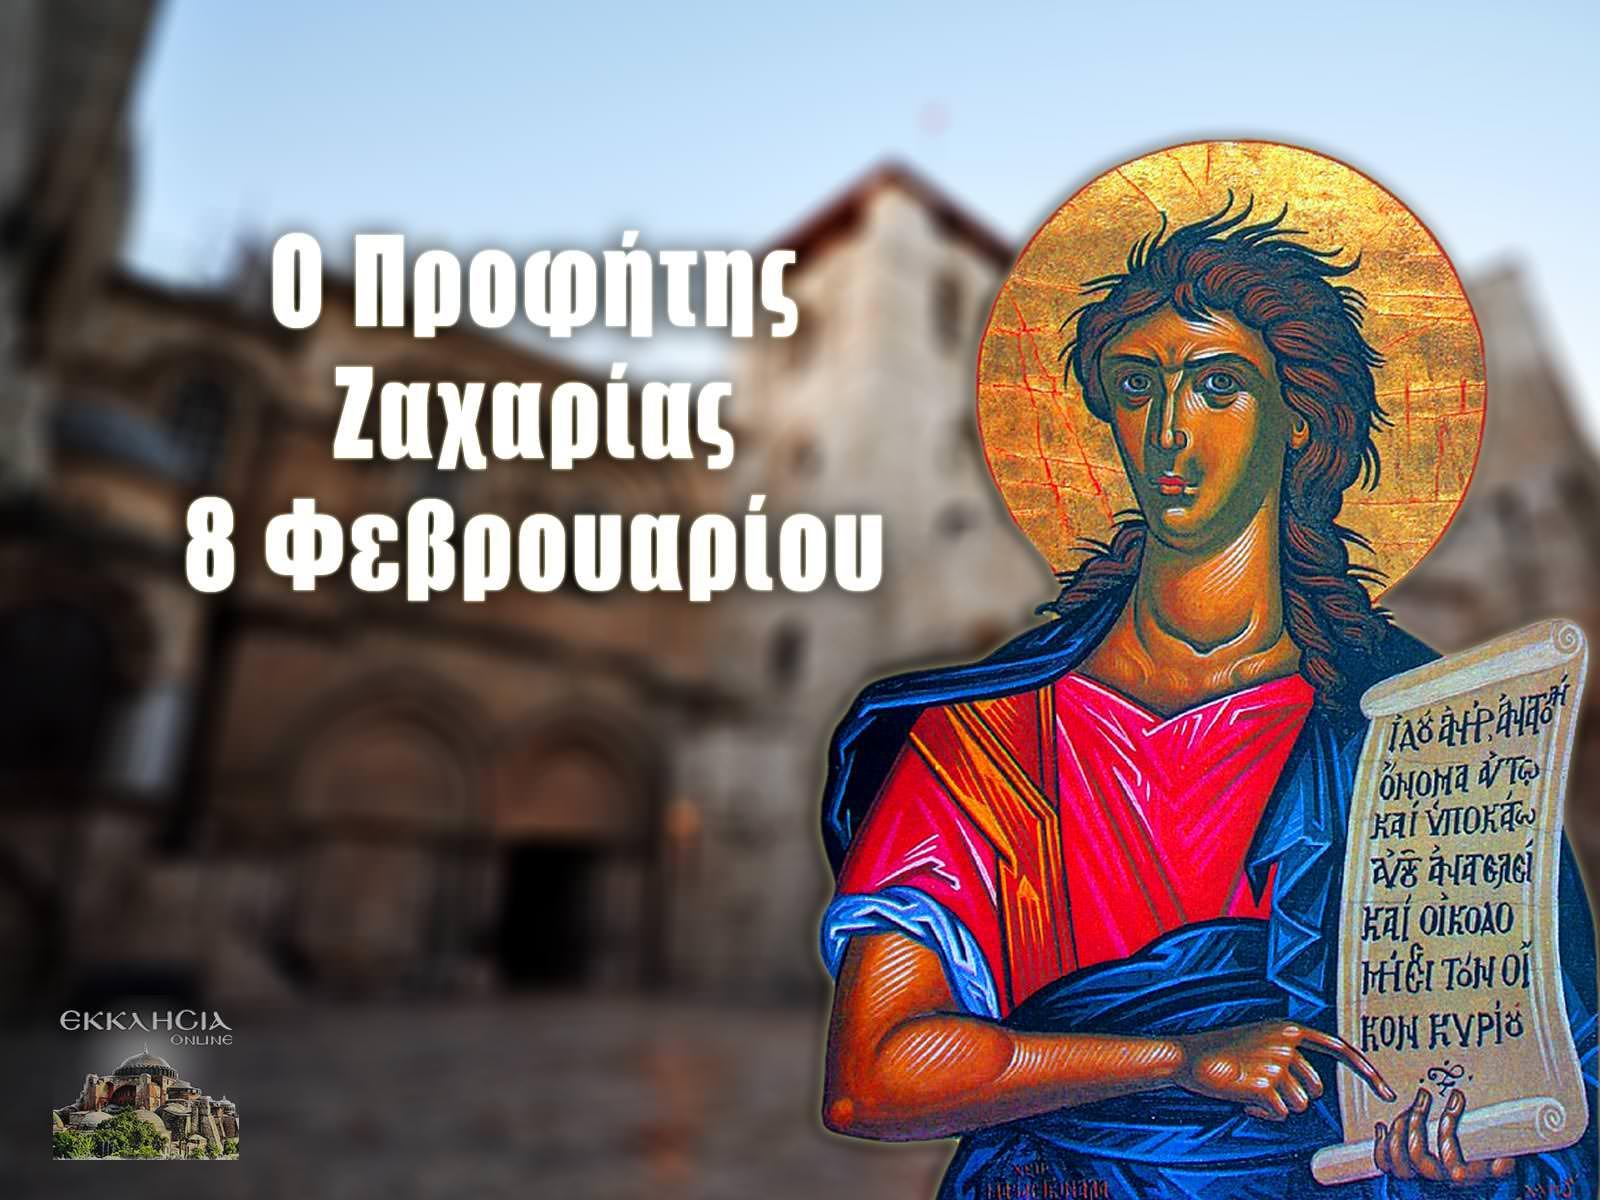 Προφήτης Ζαχαρίας 8 Φεβρουαρίου